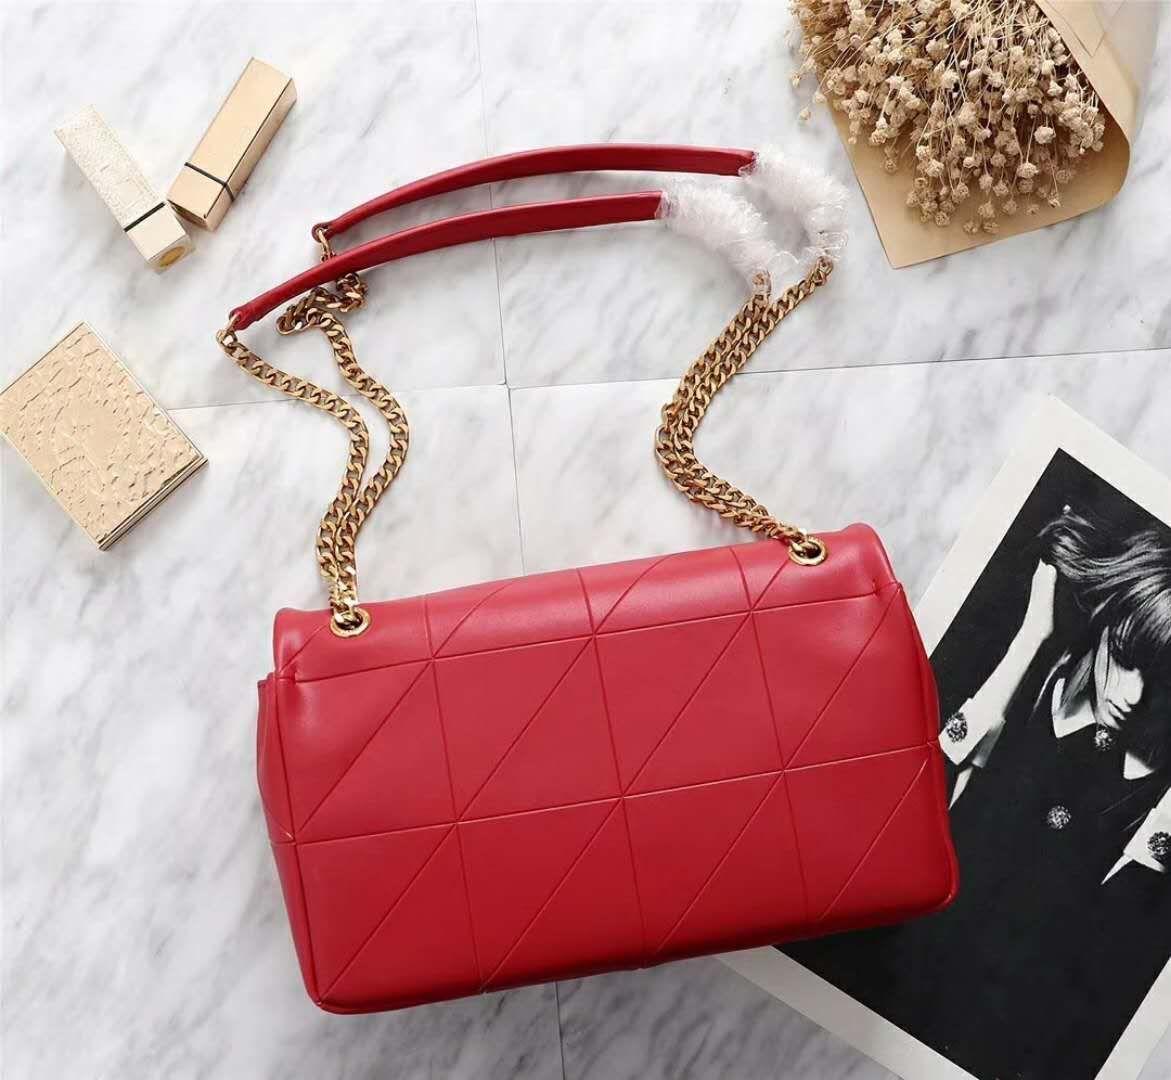 Новый стиль Классический Модельер сумки женщин сумки сумки на ремне сумки Lady цепочках Totes сумки сумки 26826